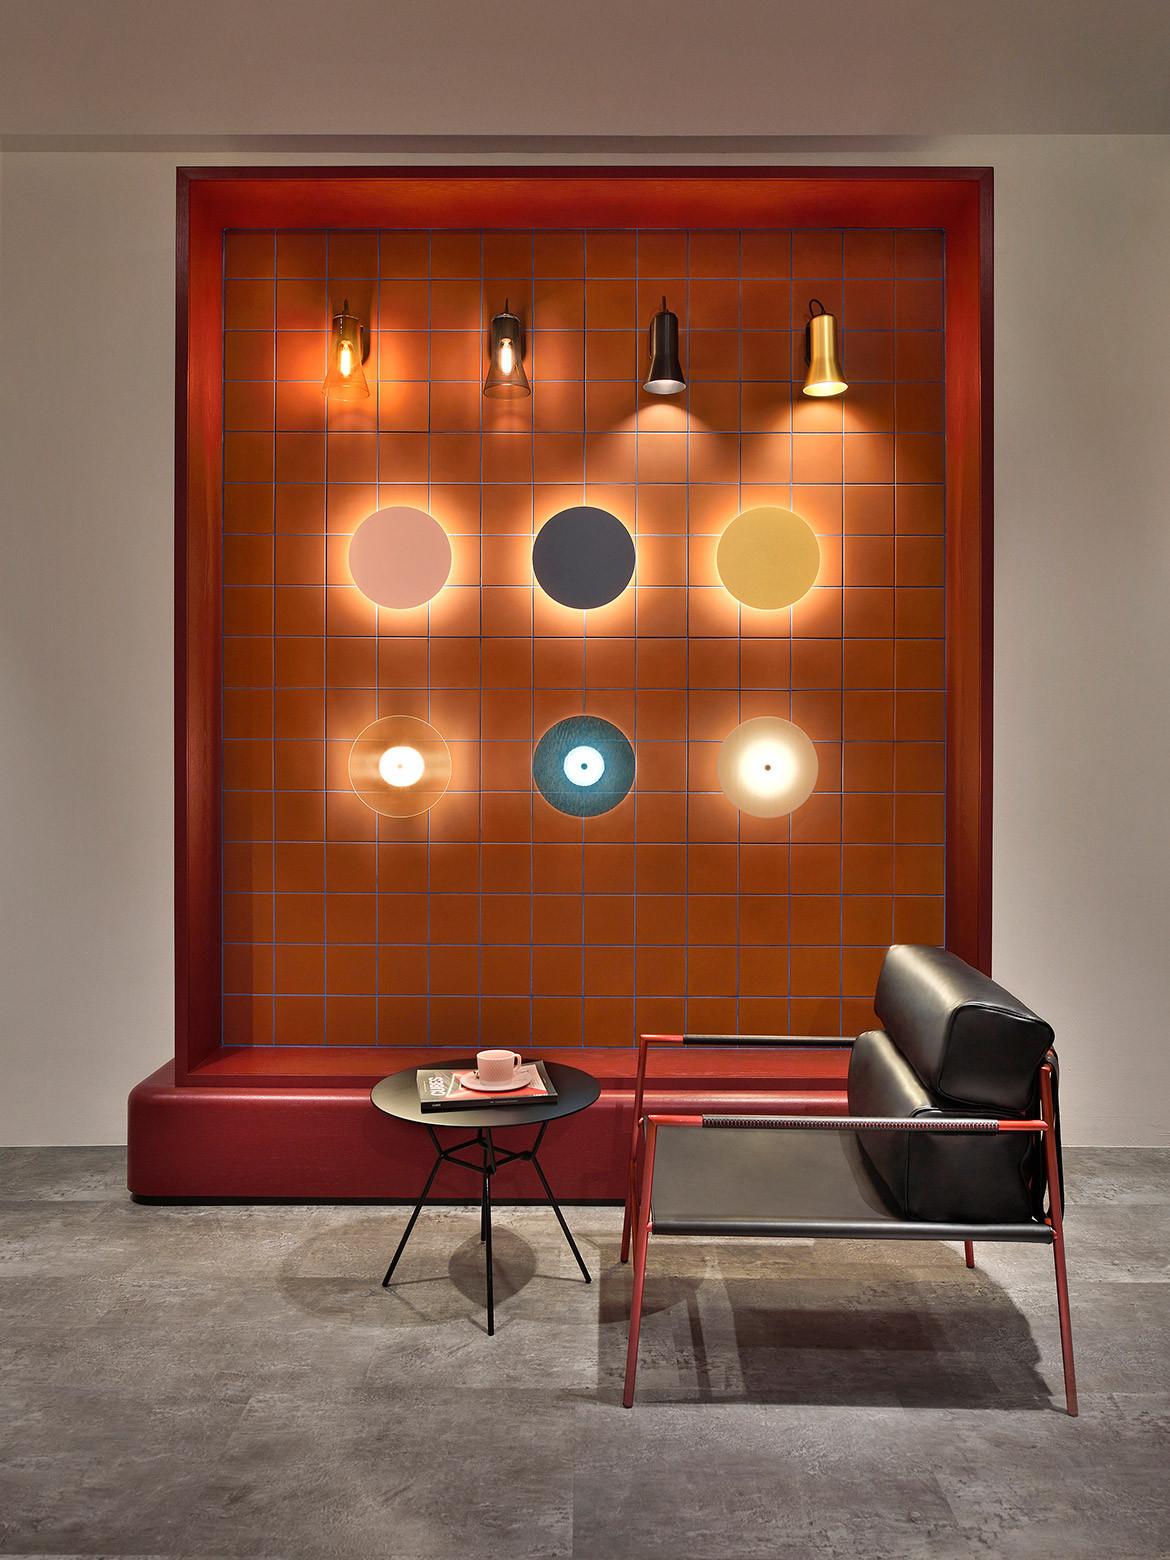 Studio Parisi E Associati Milano december 2019 | page 3 of 4 | habitusliving